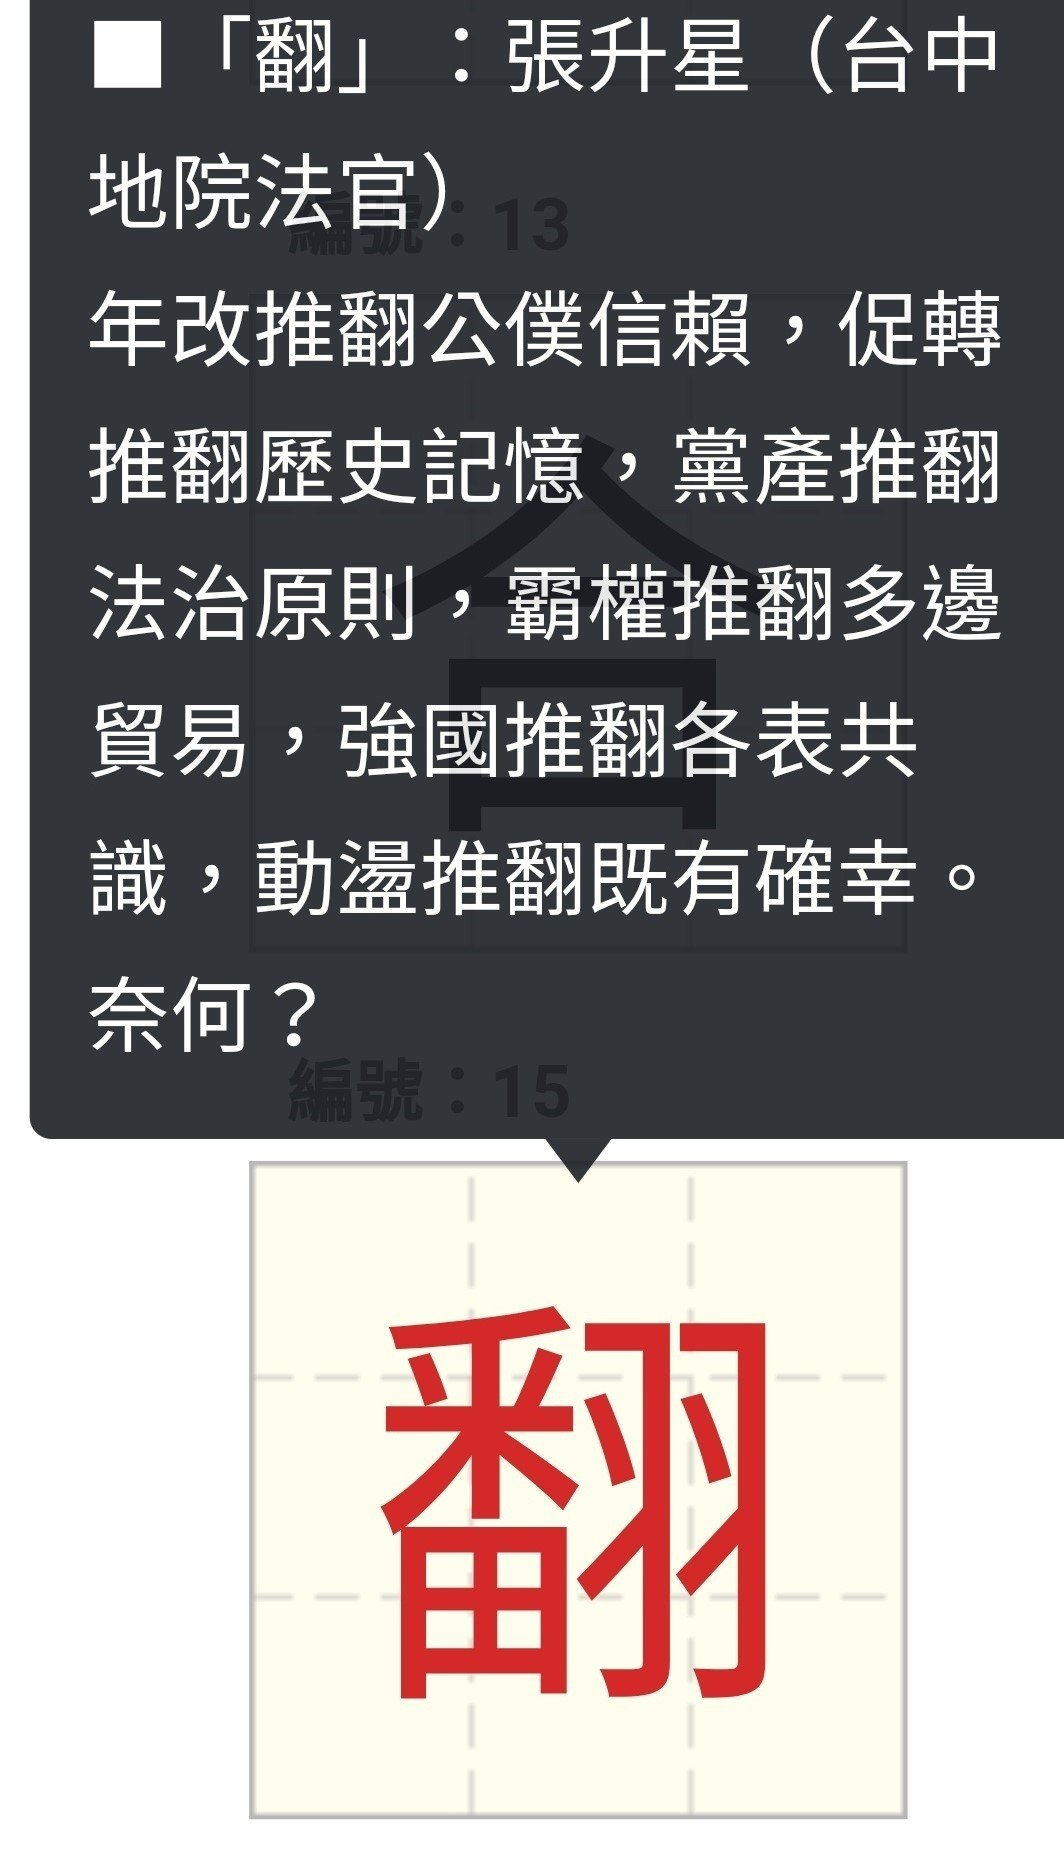 2018台灣年度代表字公布。圖片取自聯合報代表字大選官方網站